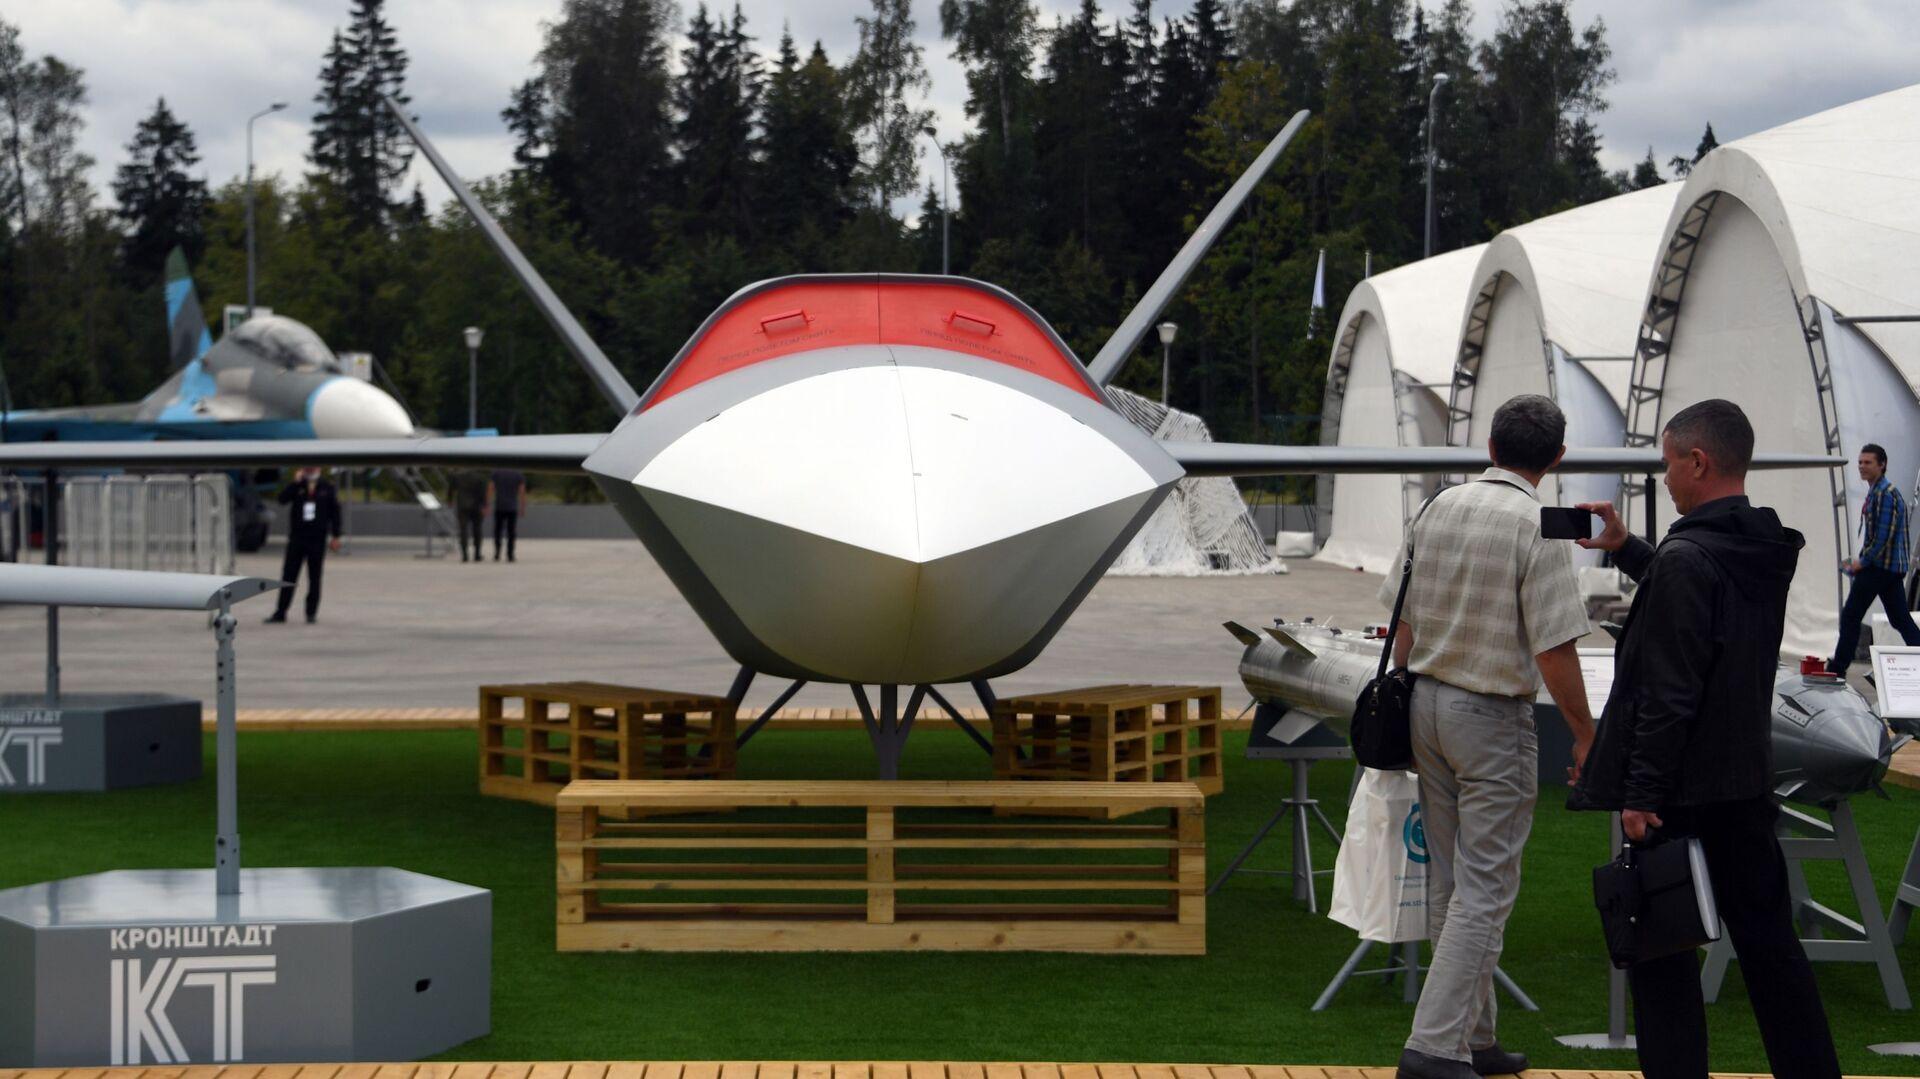 Ruský bezpilotní stroj (BPLA) Grom (Hrom)  - Sputnik Česká republika, 1920, 20.04.2021